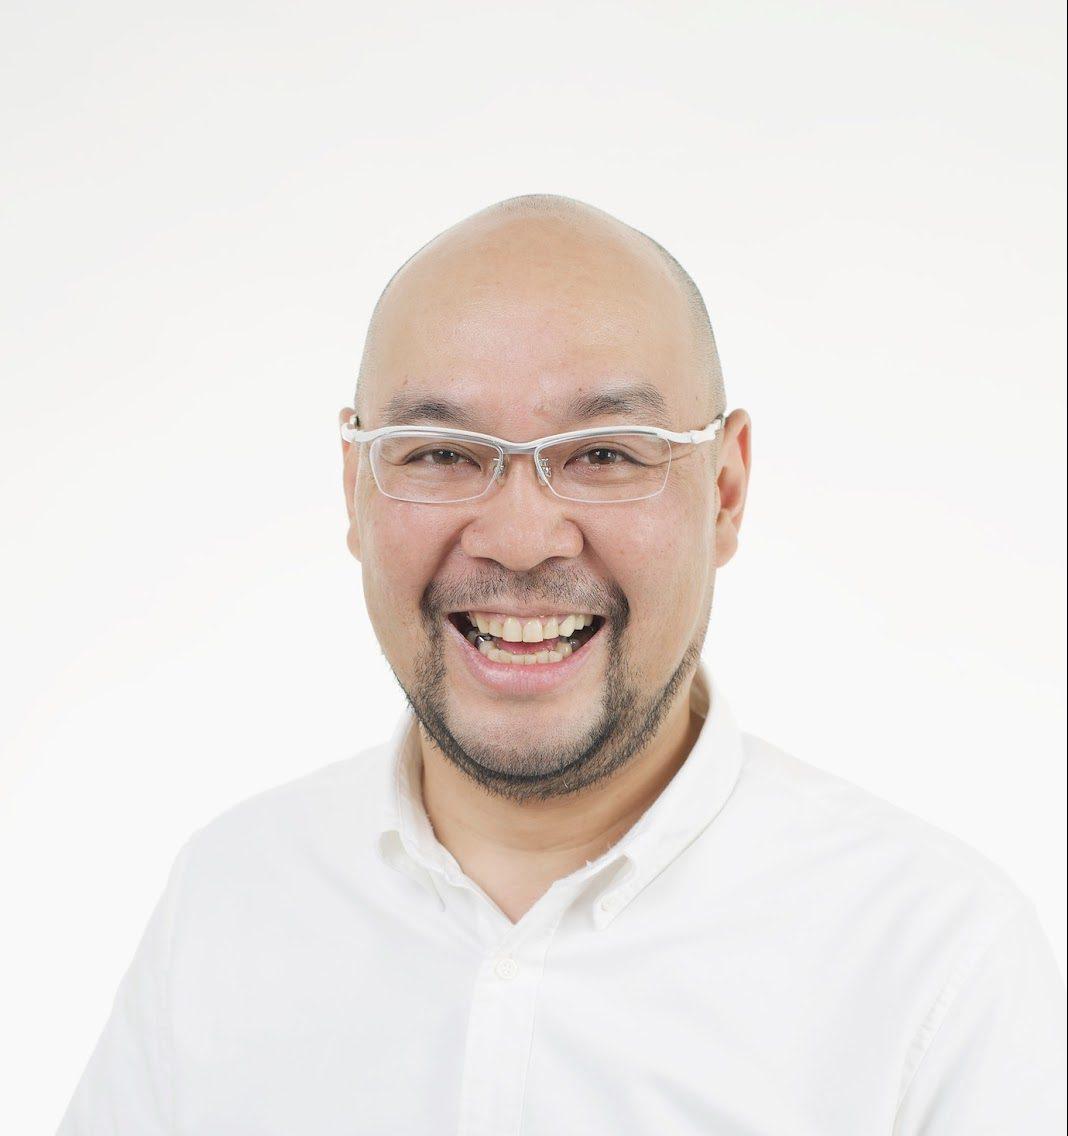 礼司 後藤 大雄会 病院